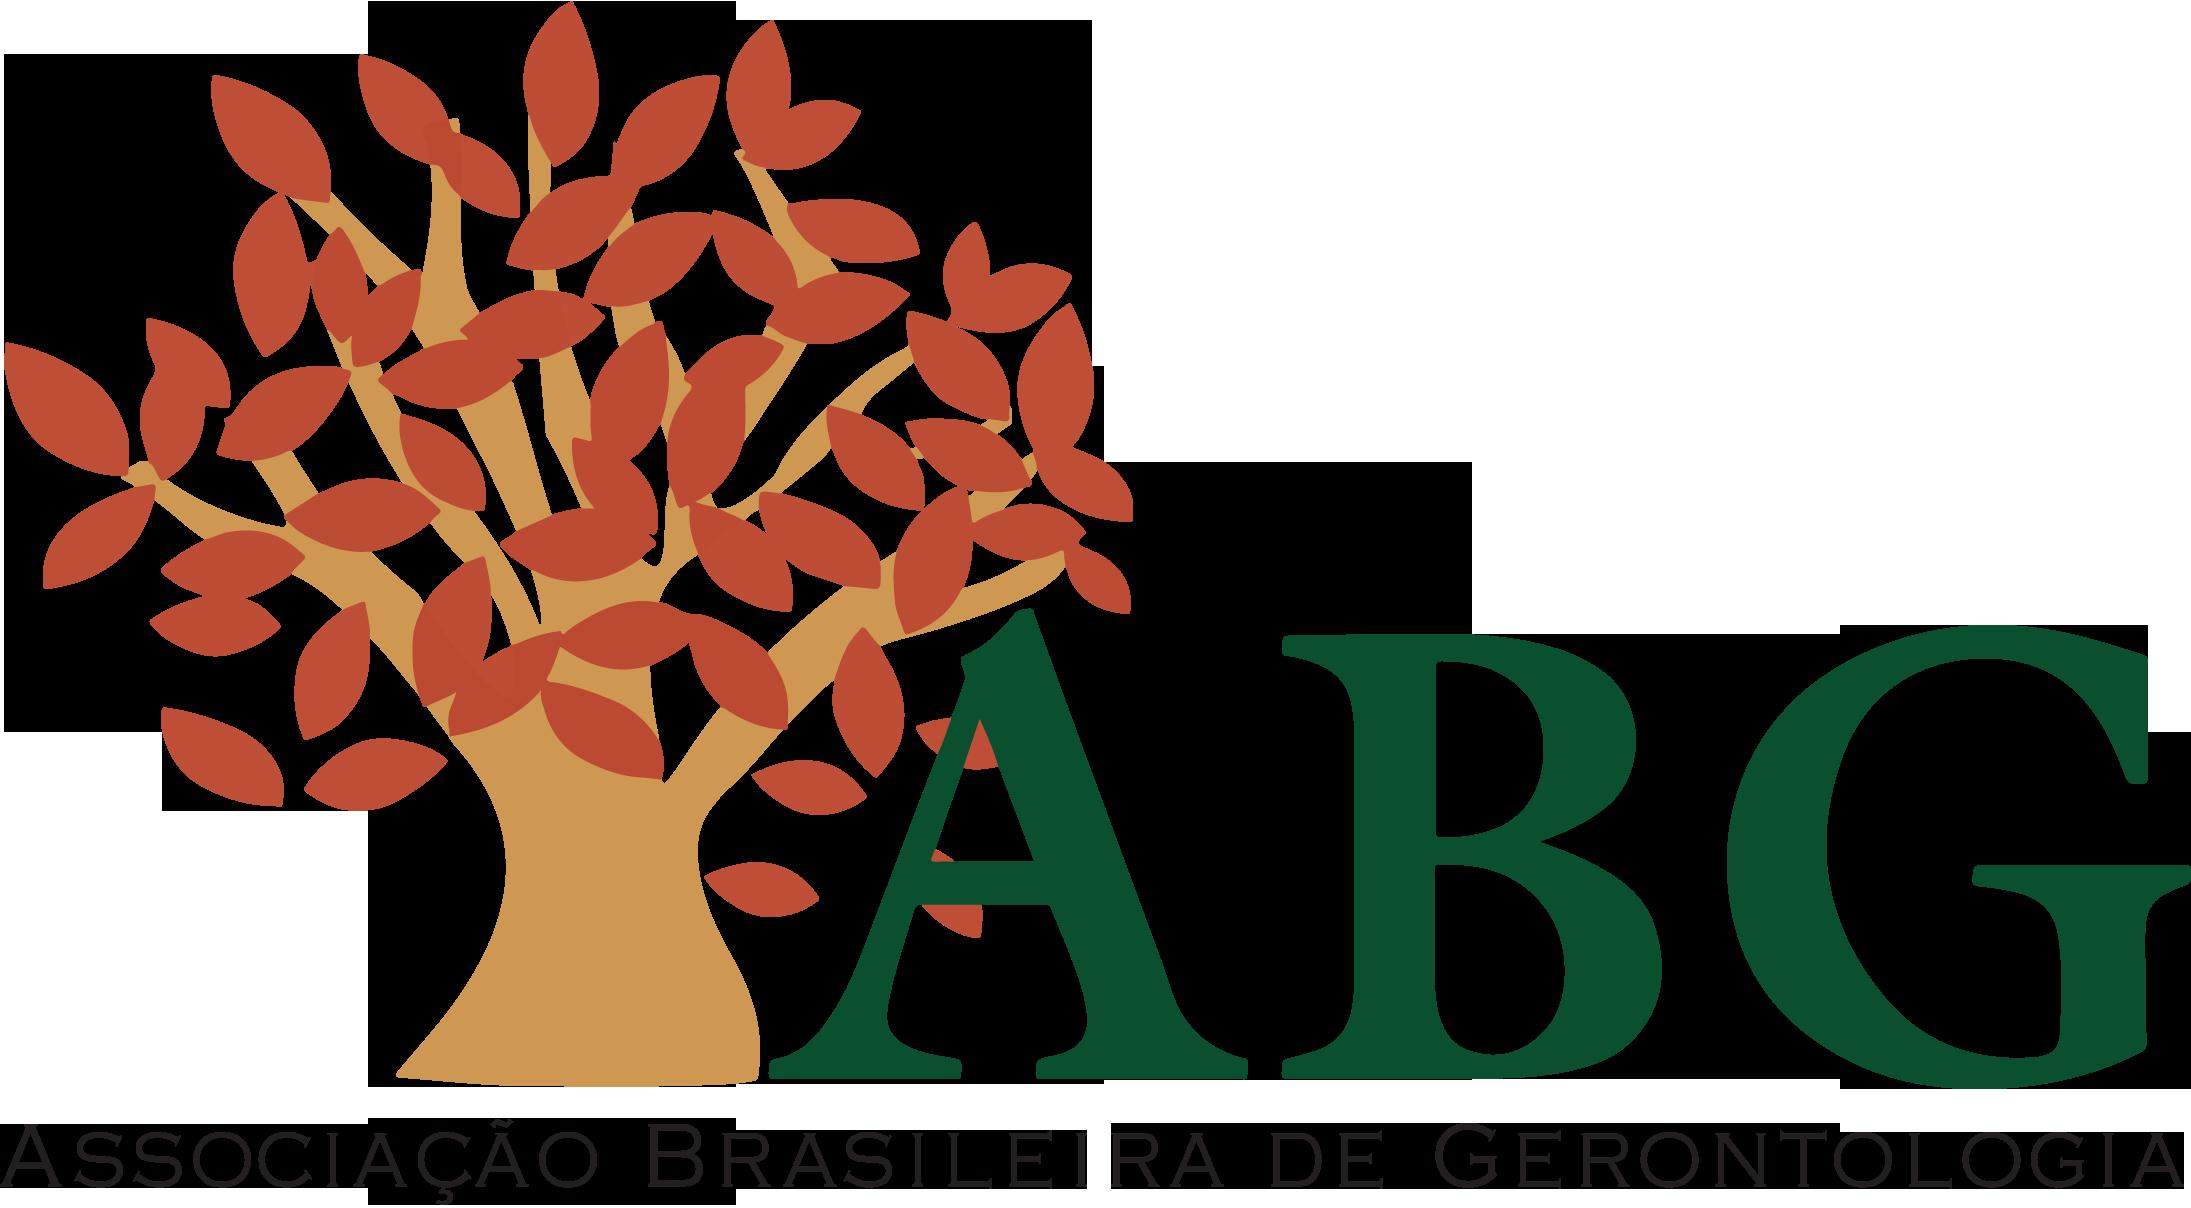 ABG - Associação Brasileira de Gerontologia